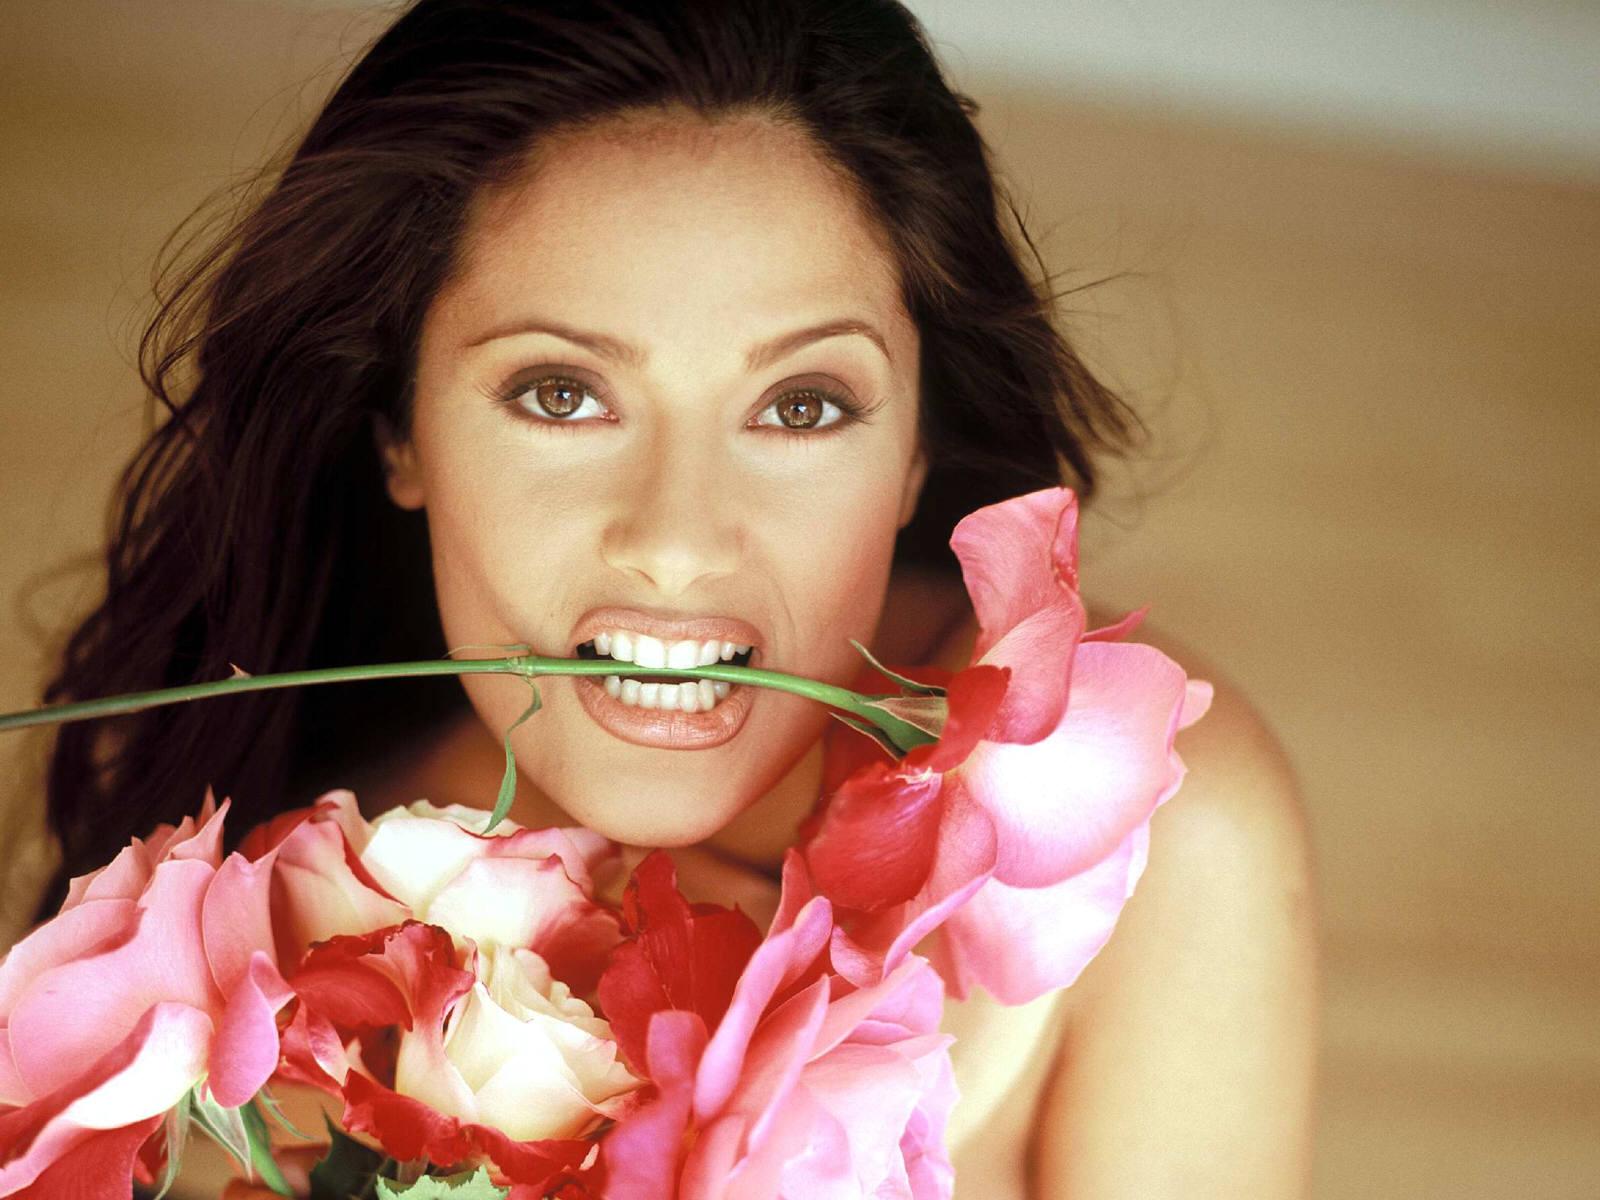 http://1.bp.blogspot.com/_Si7zjQmZnm4/Sy_go2w4fLI/AAAAAAAAGRc/9s1z13QDTbA/s1600/Fullwalls.blogspot.com_Salma_Hayek%2848%29.jpg